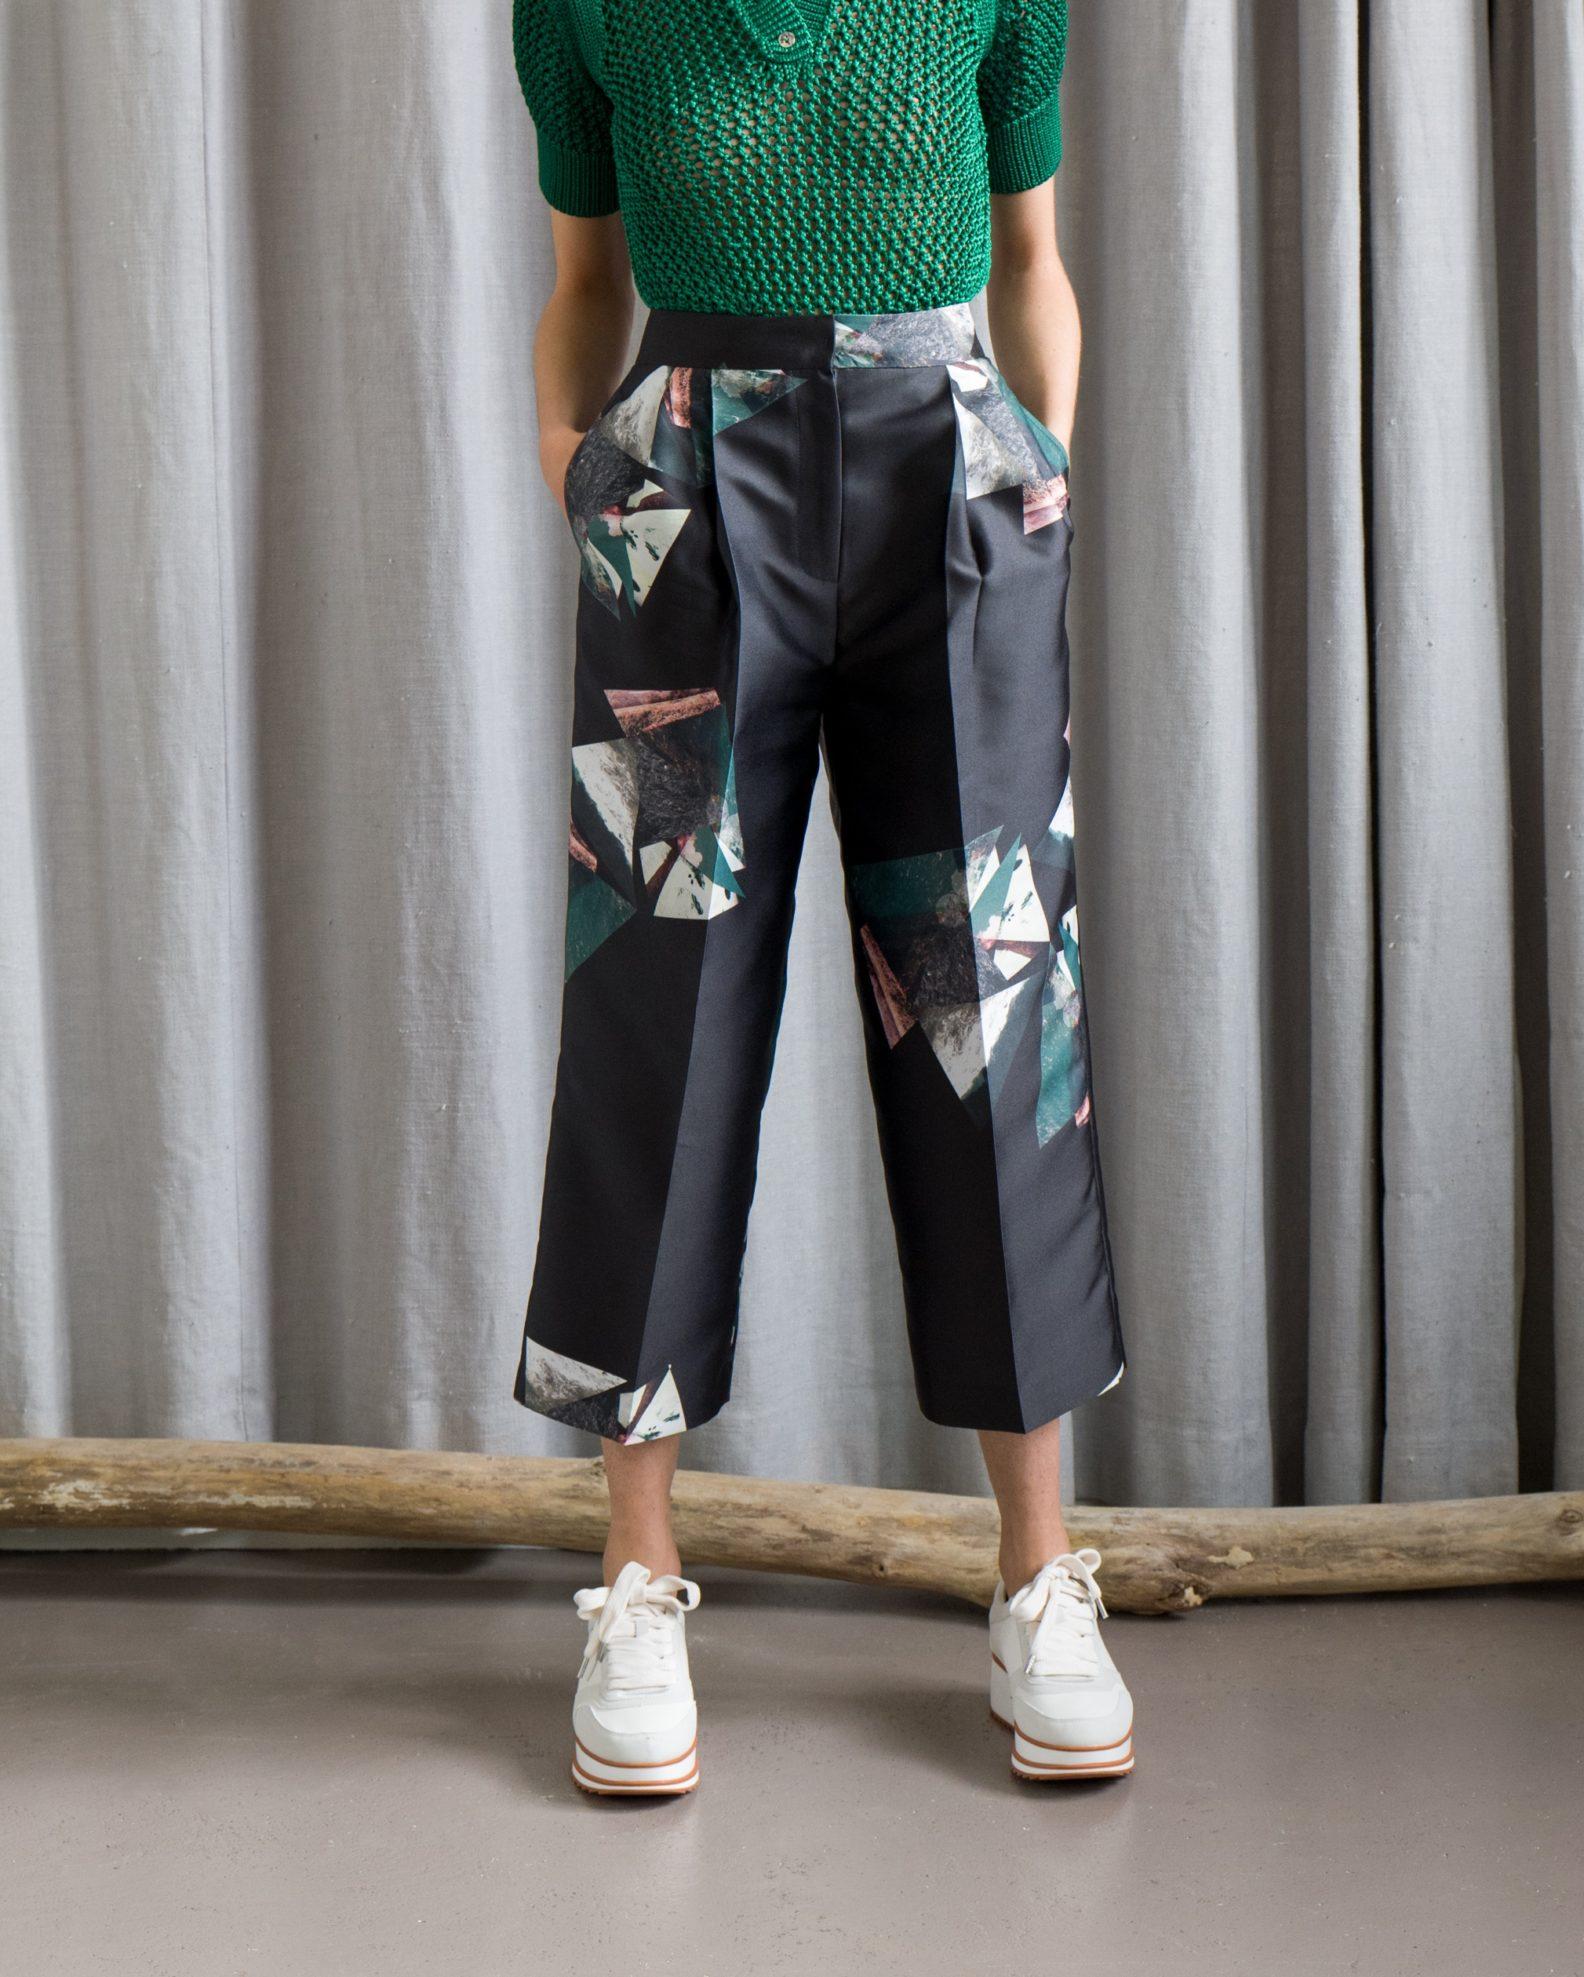 polo en maille ajourée Zara pantalon large cropped satiné imprimé